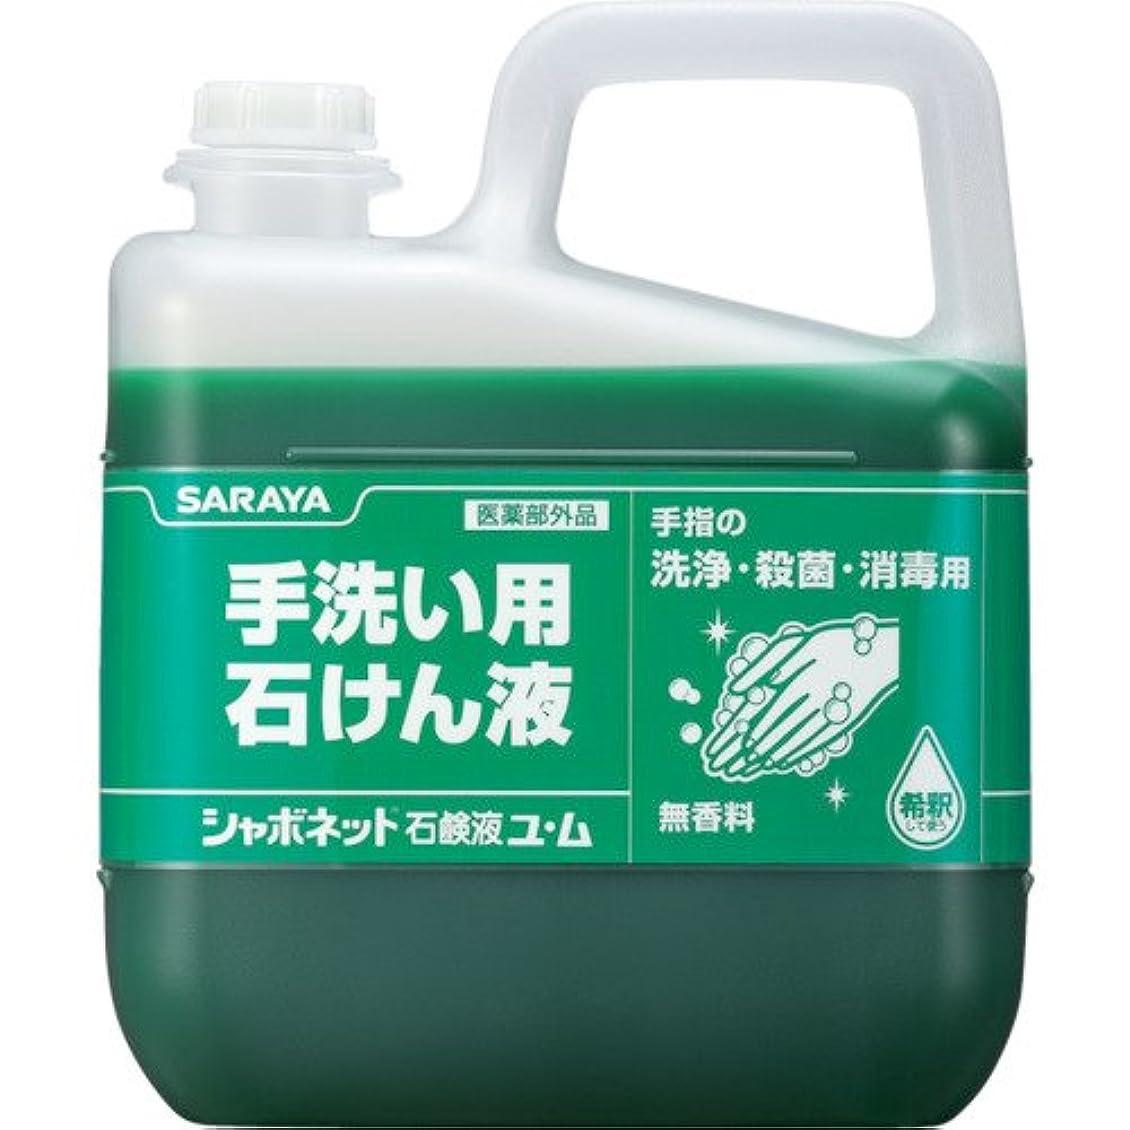 依存するレベル相関するサラヤ ハンドソープ シャボネット石鹸液ユ?ム 5kg